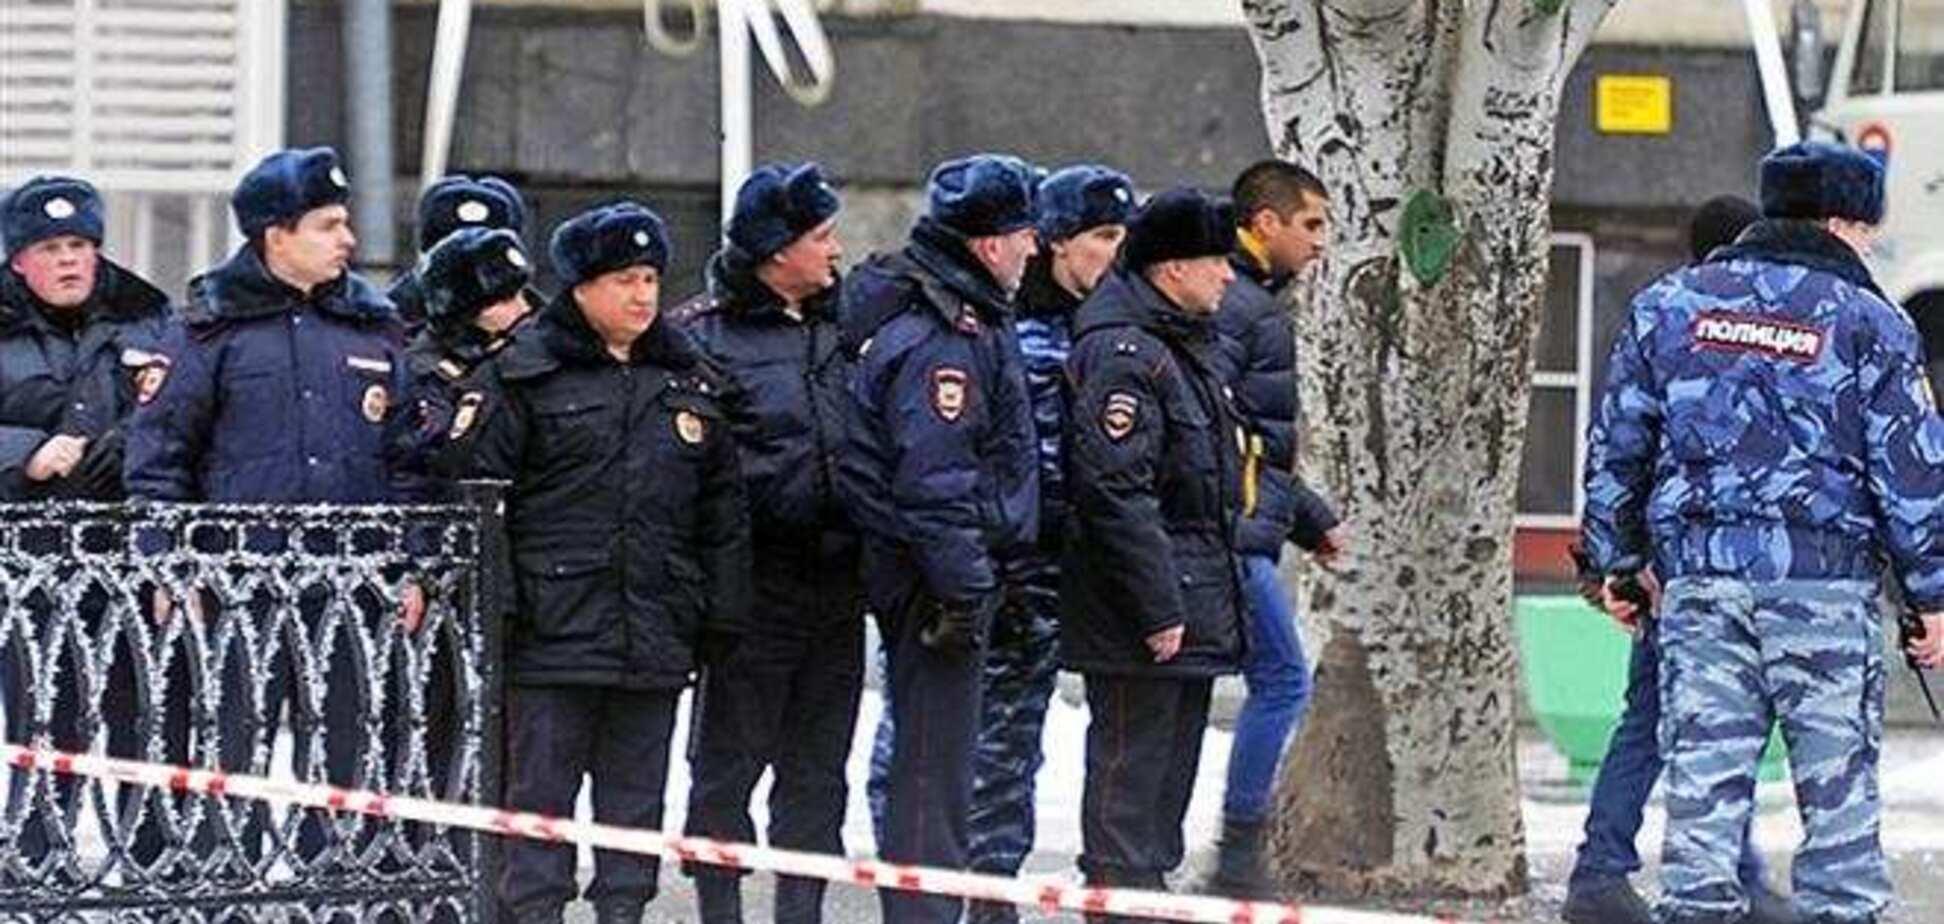 Можливий підривник з Волгограда працював фельдшером 'швидкої'